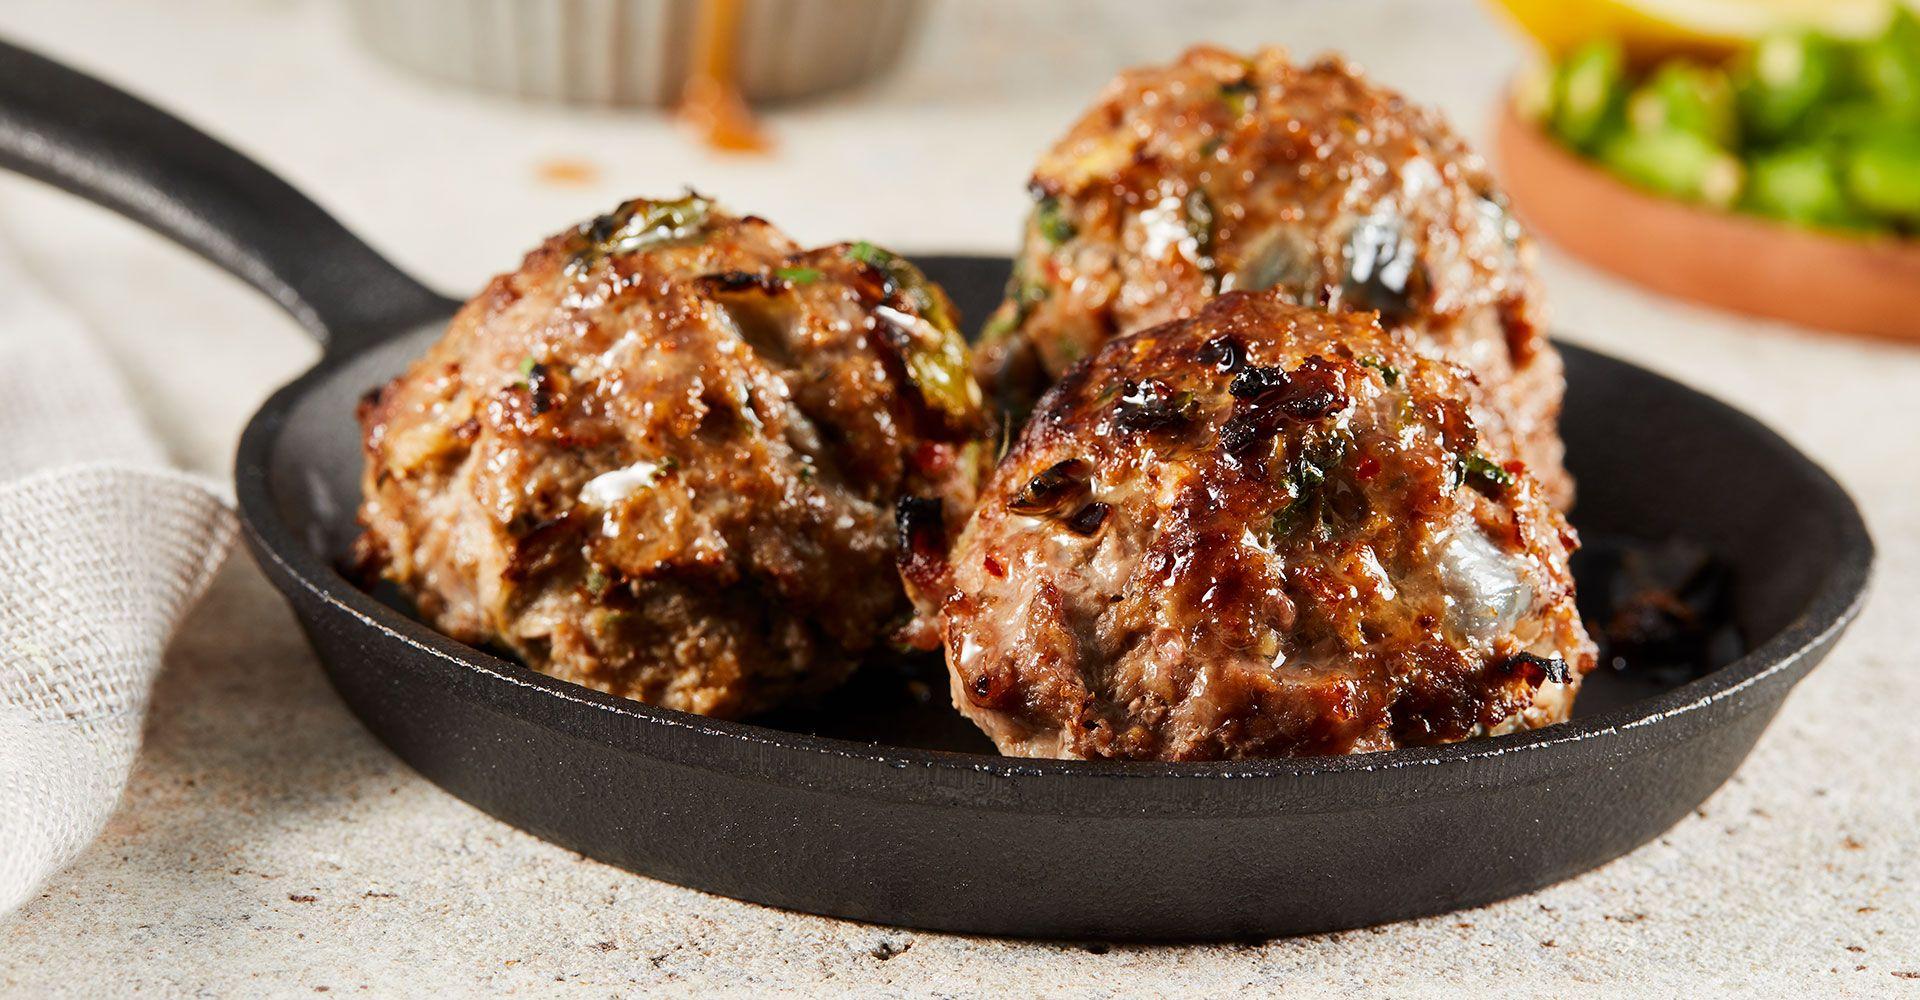 halal lamb meatballs ina dish